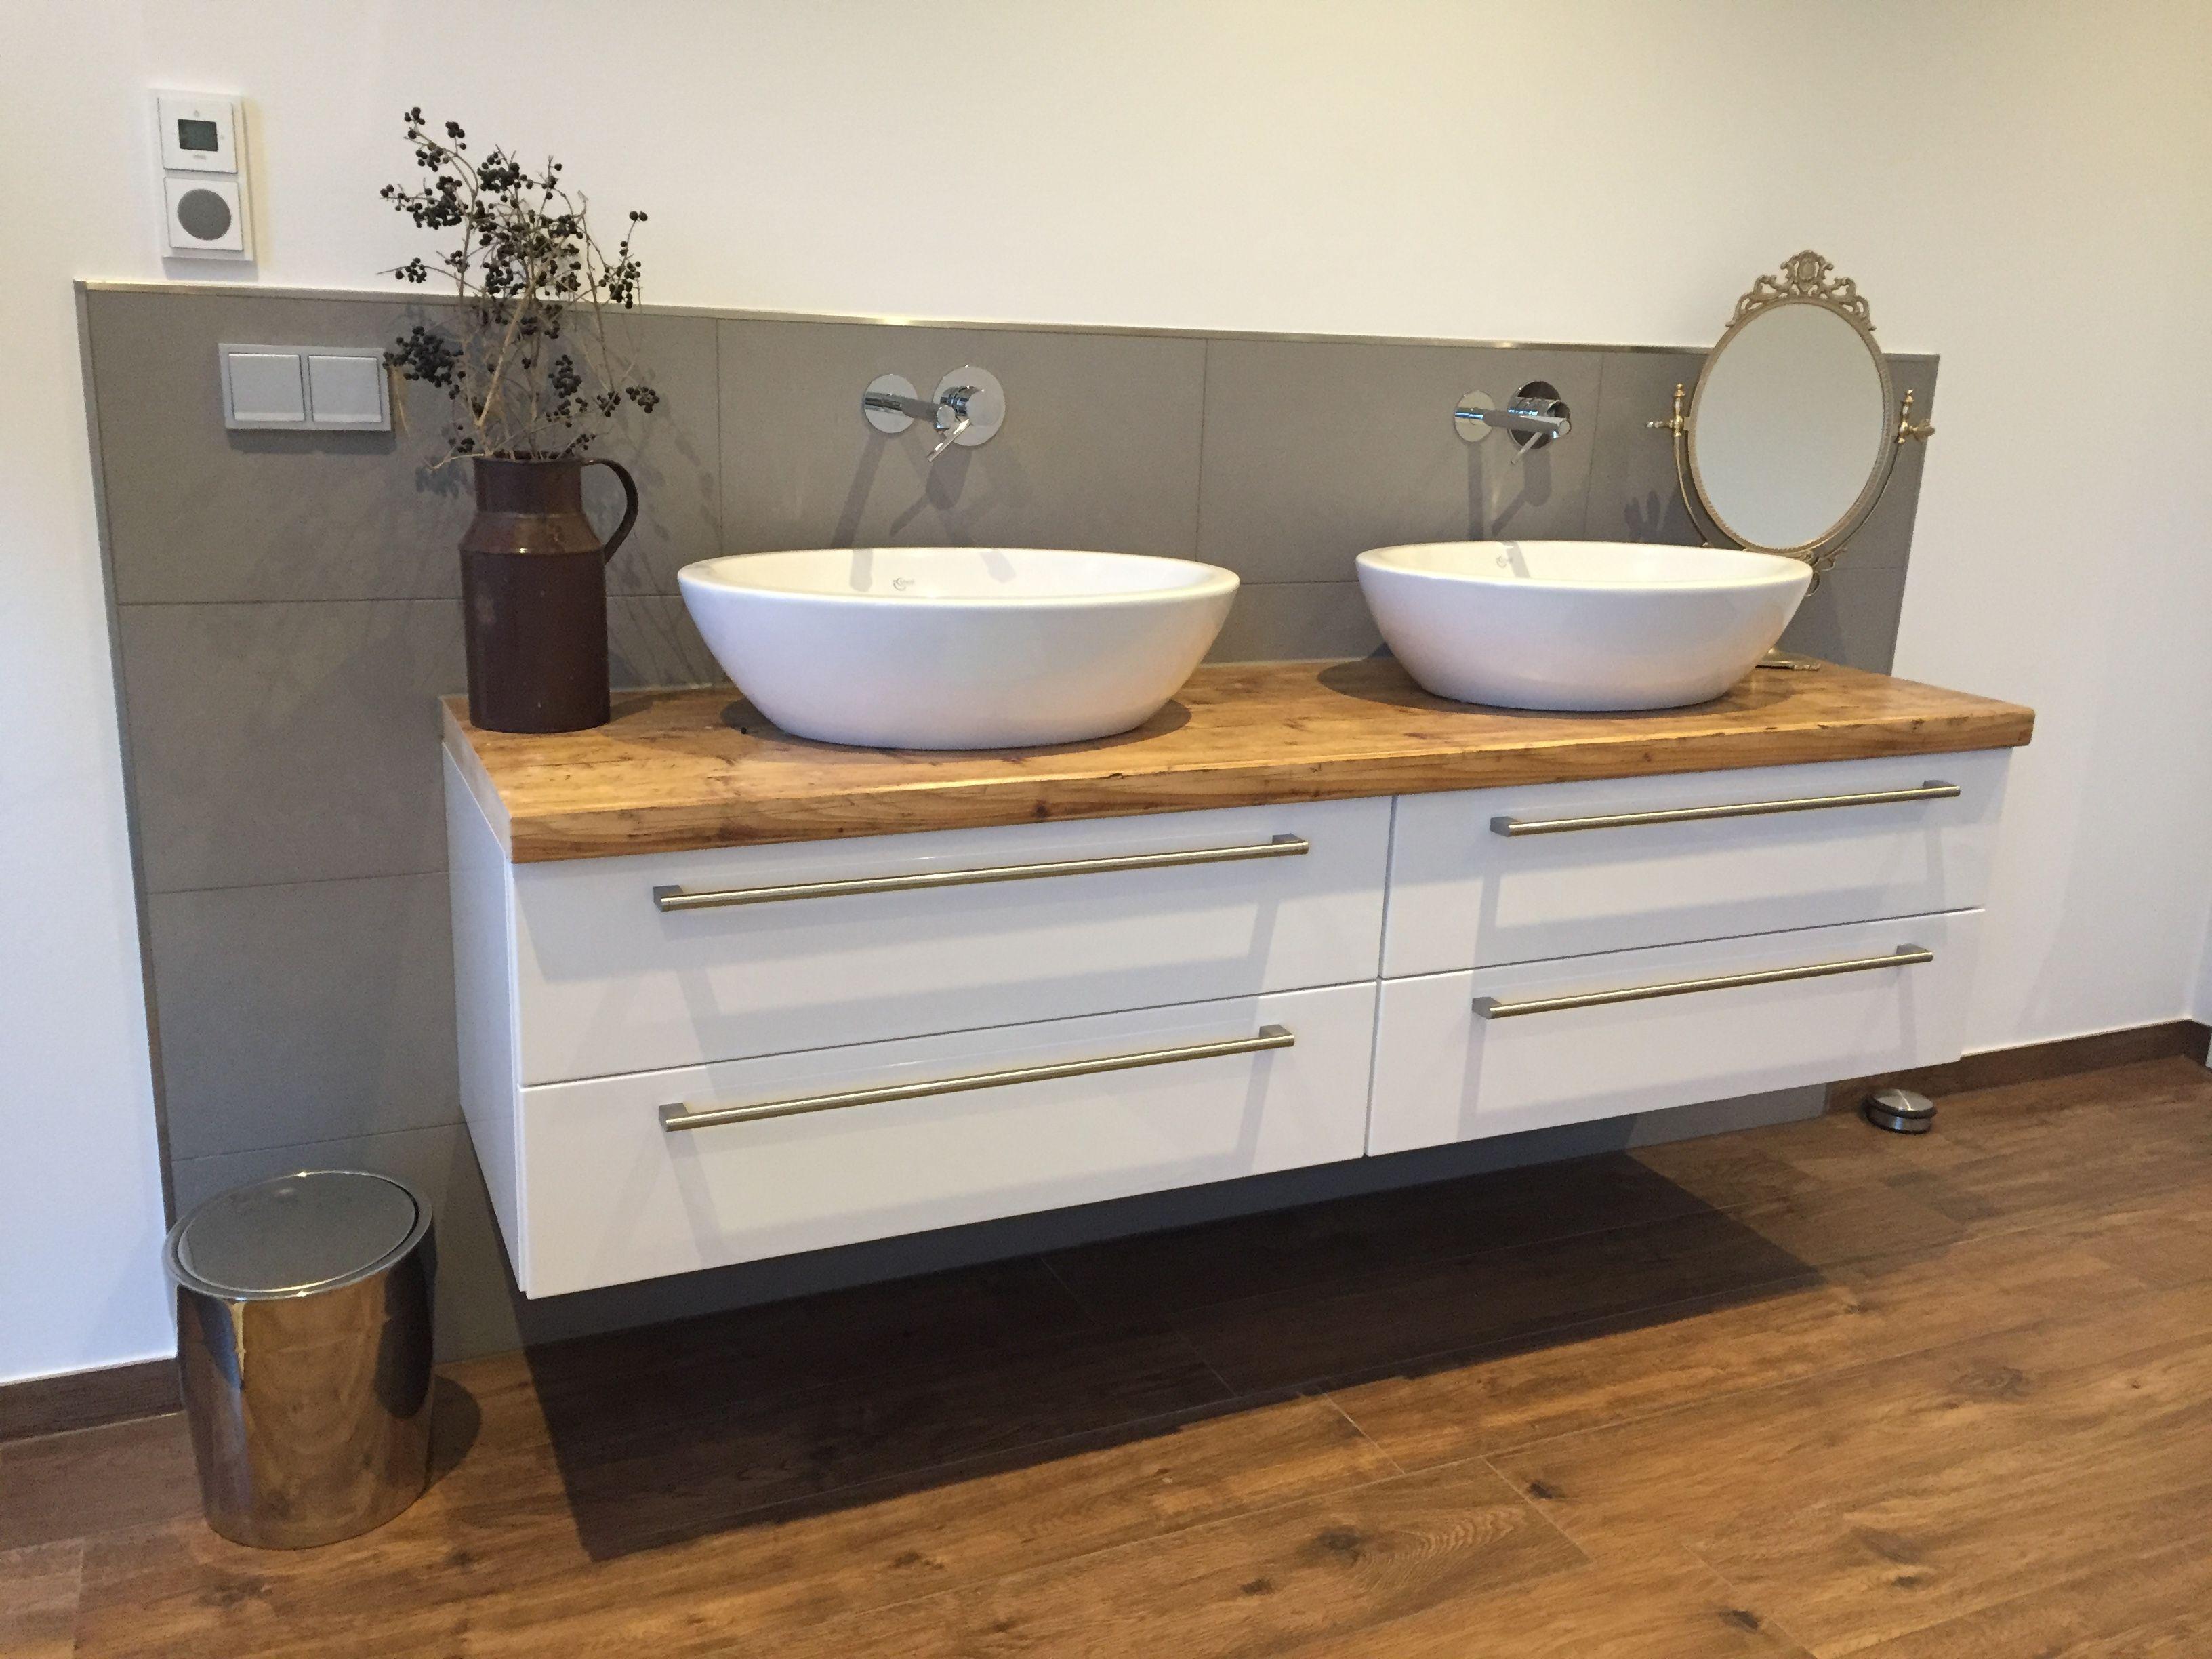 schöne bademöbel in kombination aus alt und neu! #badezimmer, Badezimmer ideen